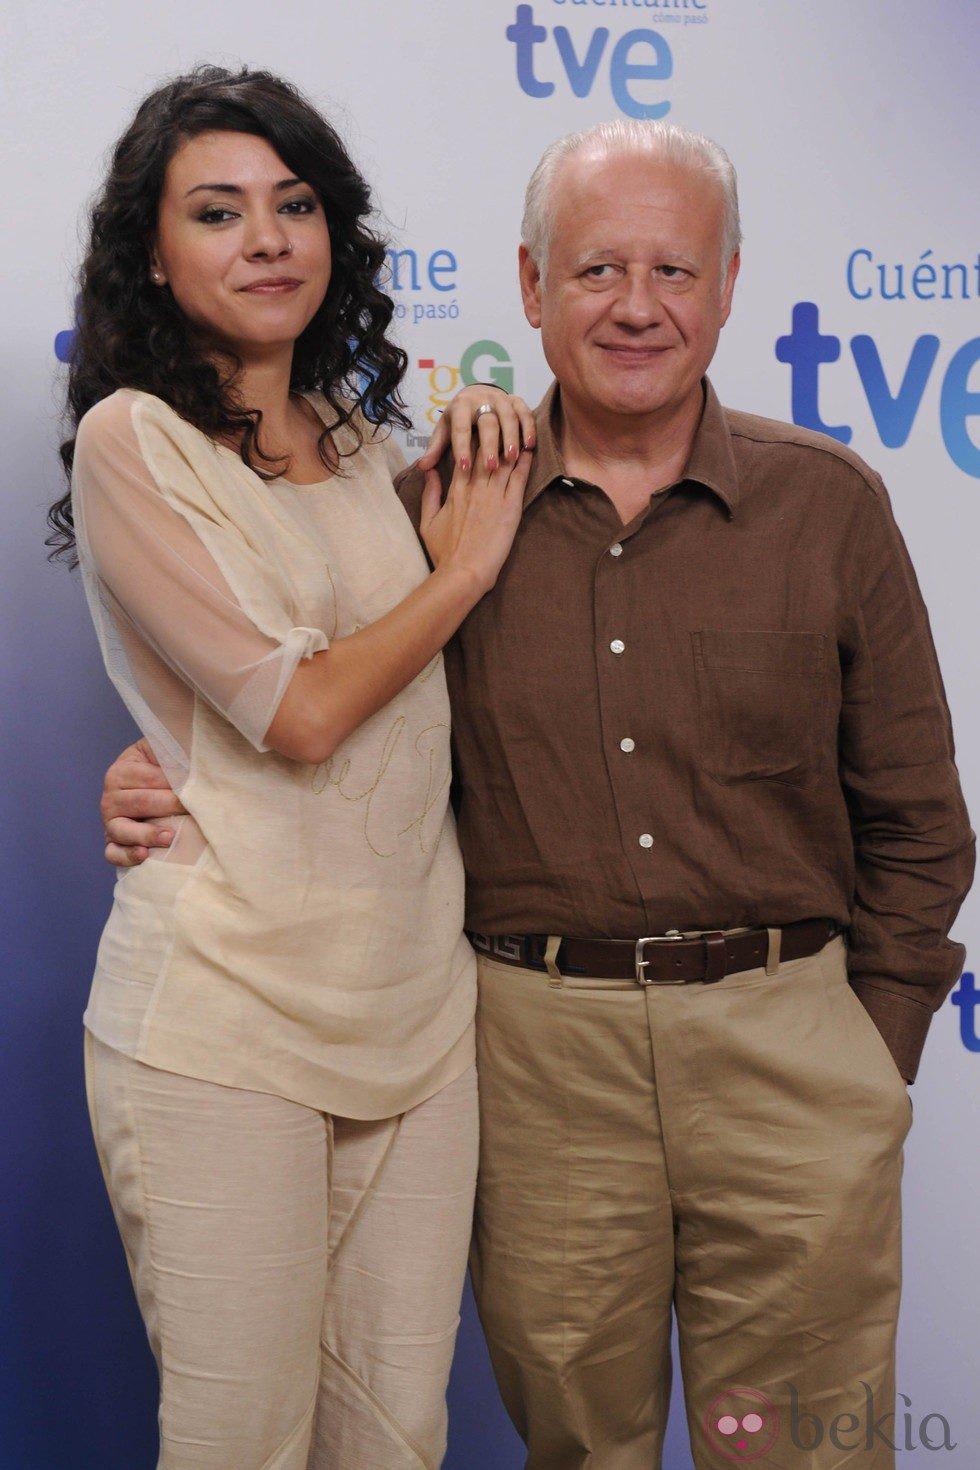 Ana Arias y Juan Echanove en la celebración de los 10 años de 'Cuéntame cómo pasó'